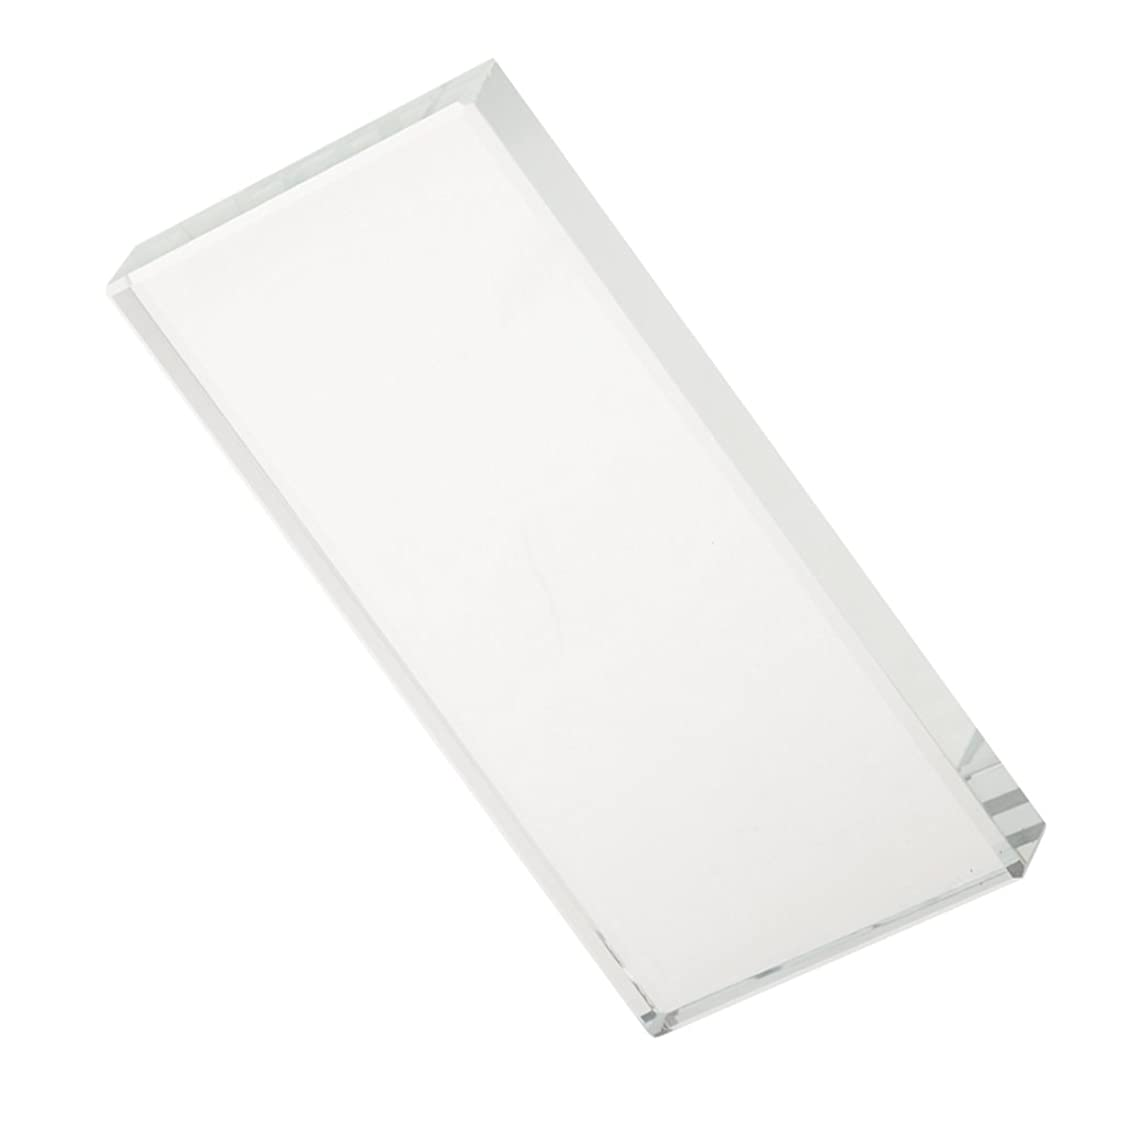 毒エンティティ支出美容ツール クリスタル パレット ホルダー まつげエクステンション 接着剤 - 長方形